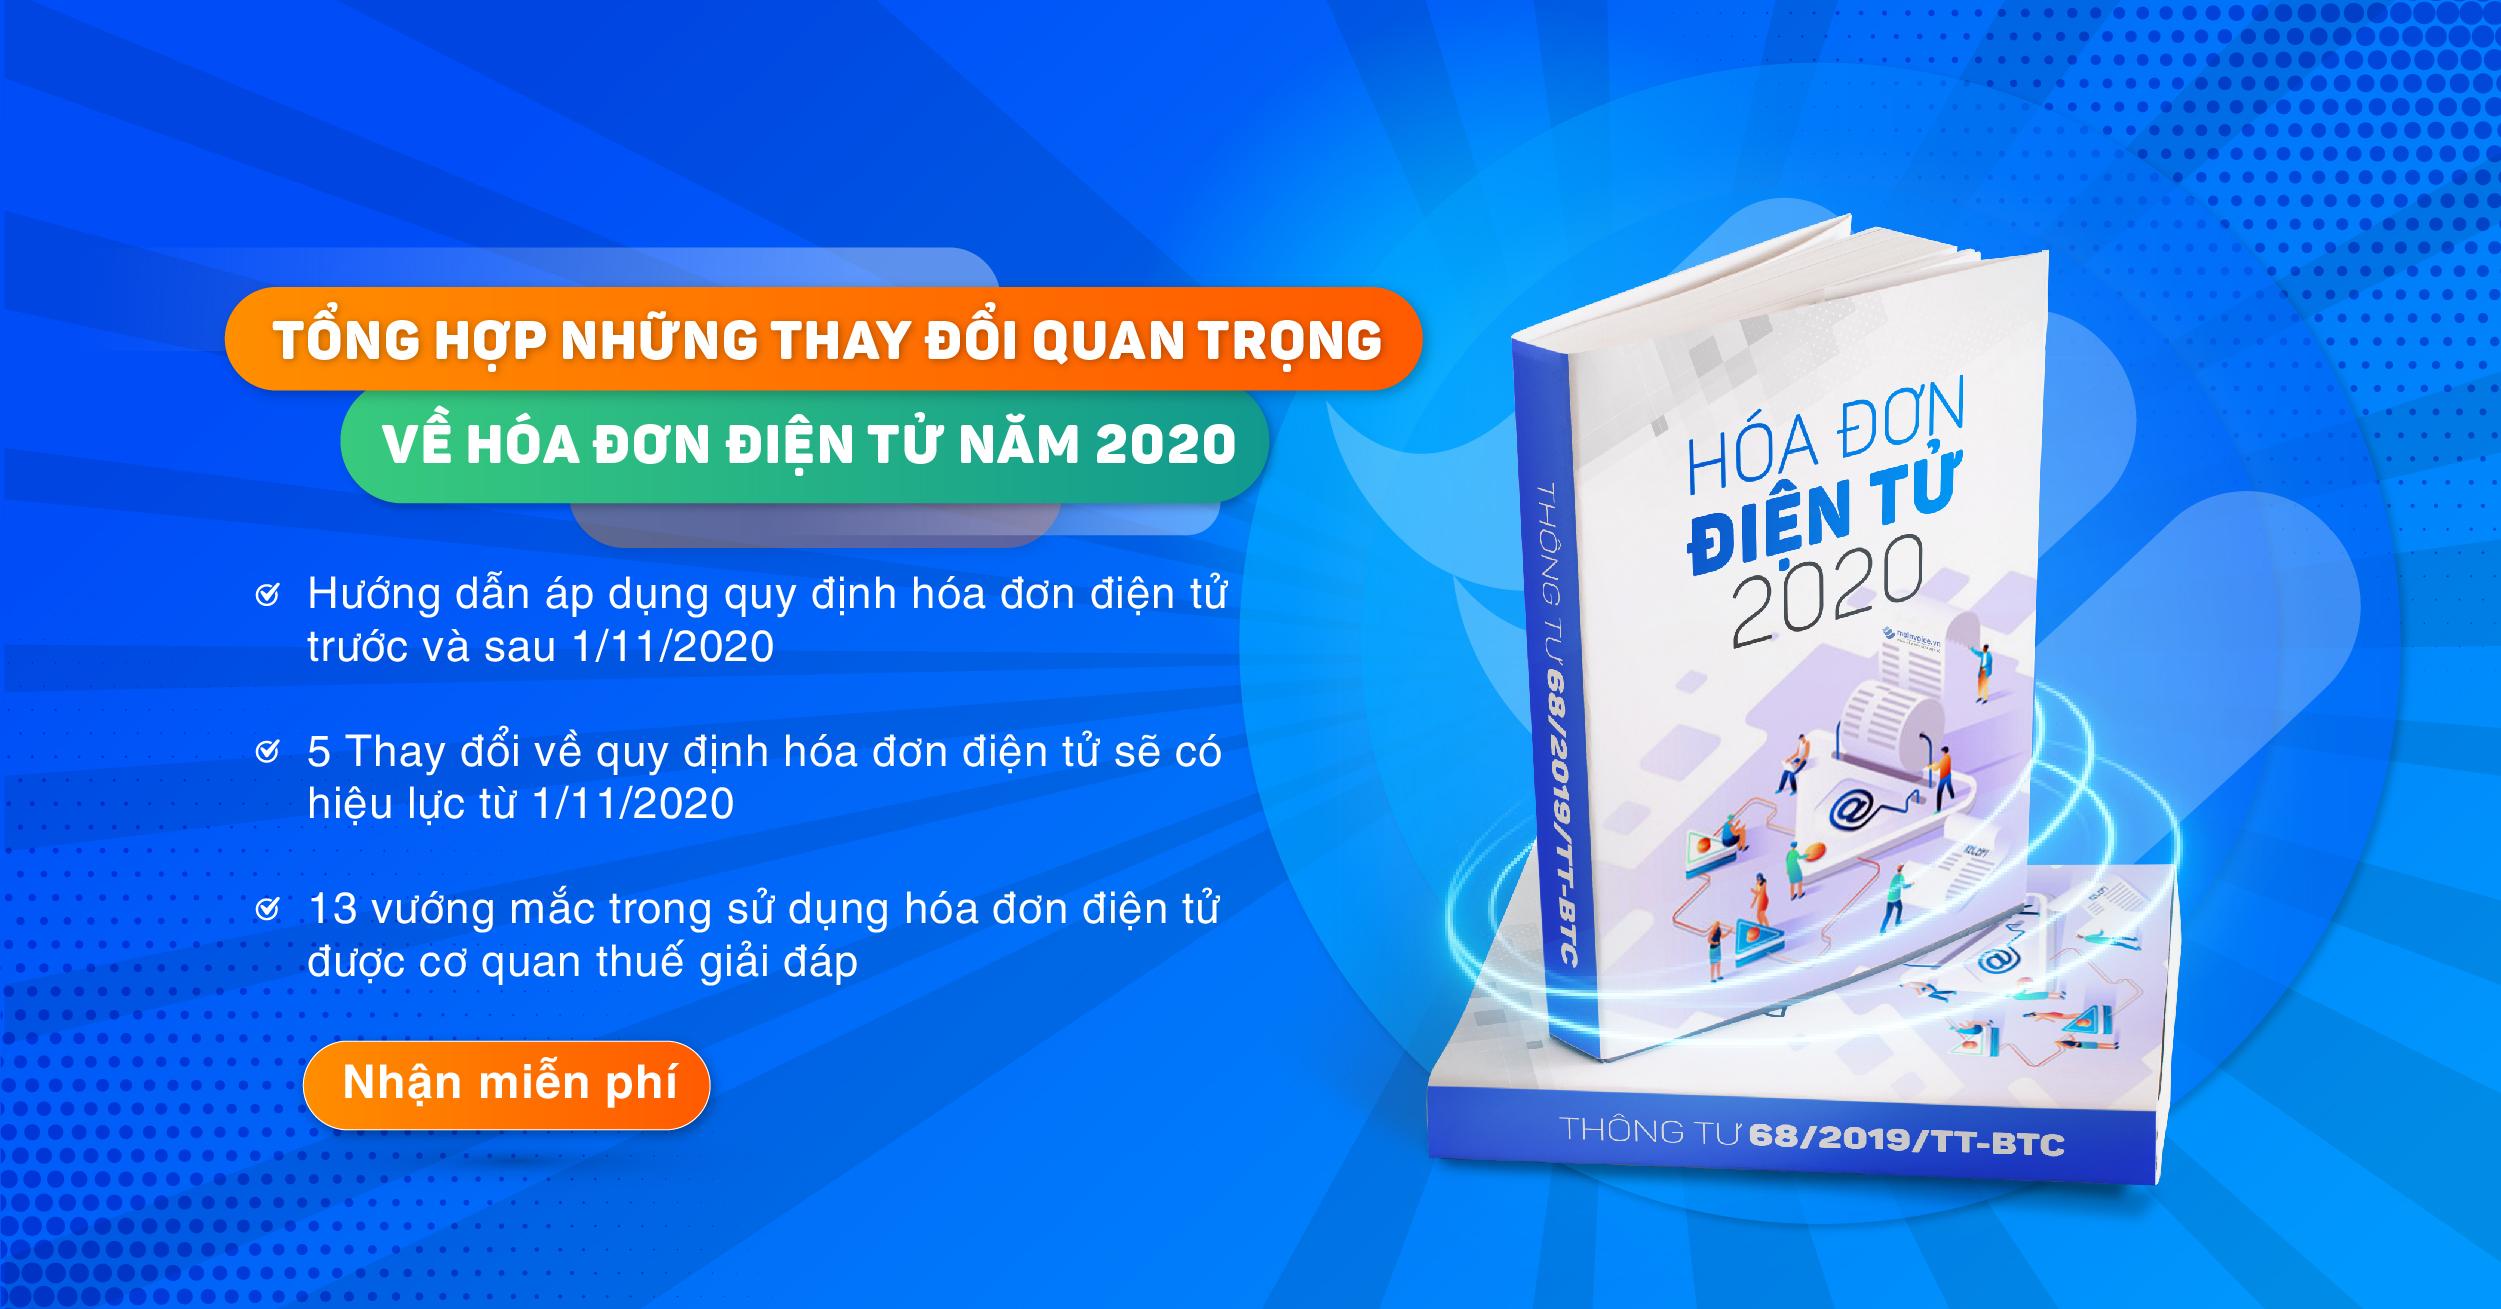 Tài liệu hóa đơn điện tử 2020